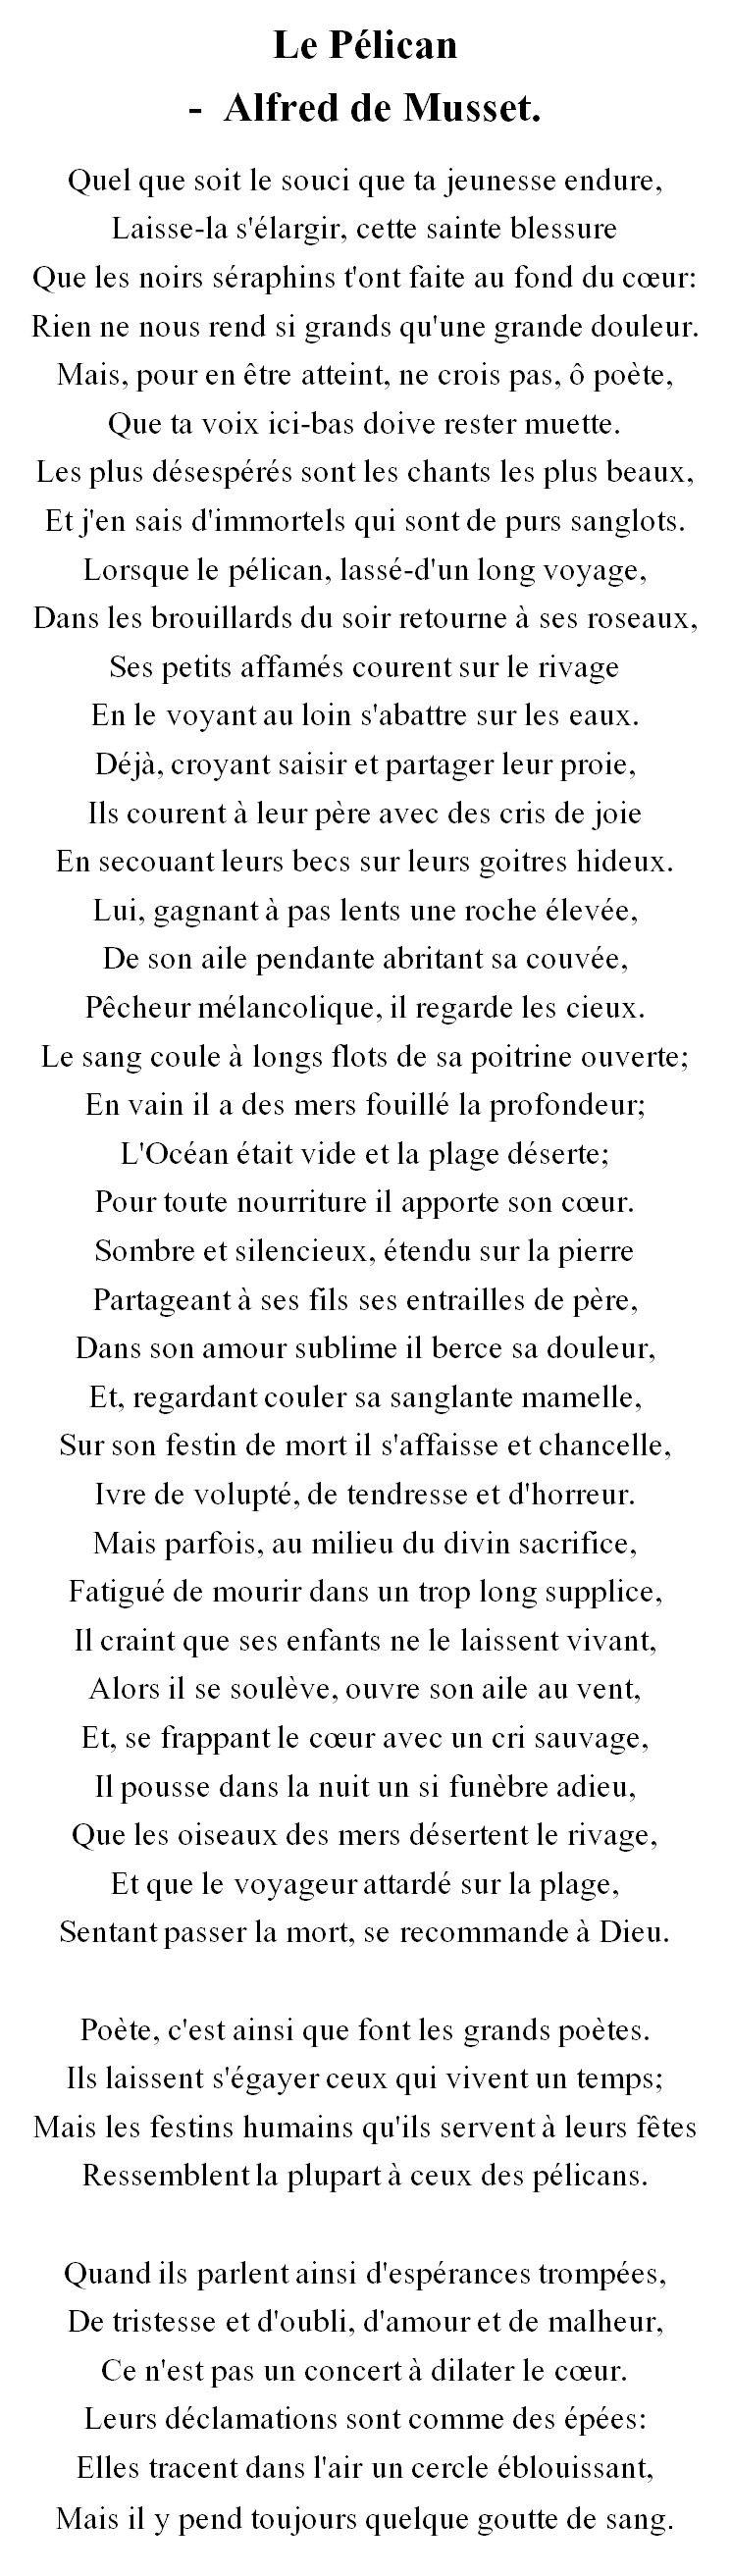 Le Pélican Alfred De Musset Alfred De Musset Musset Et